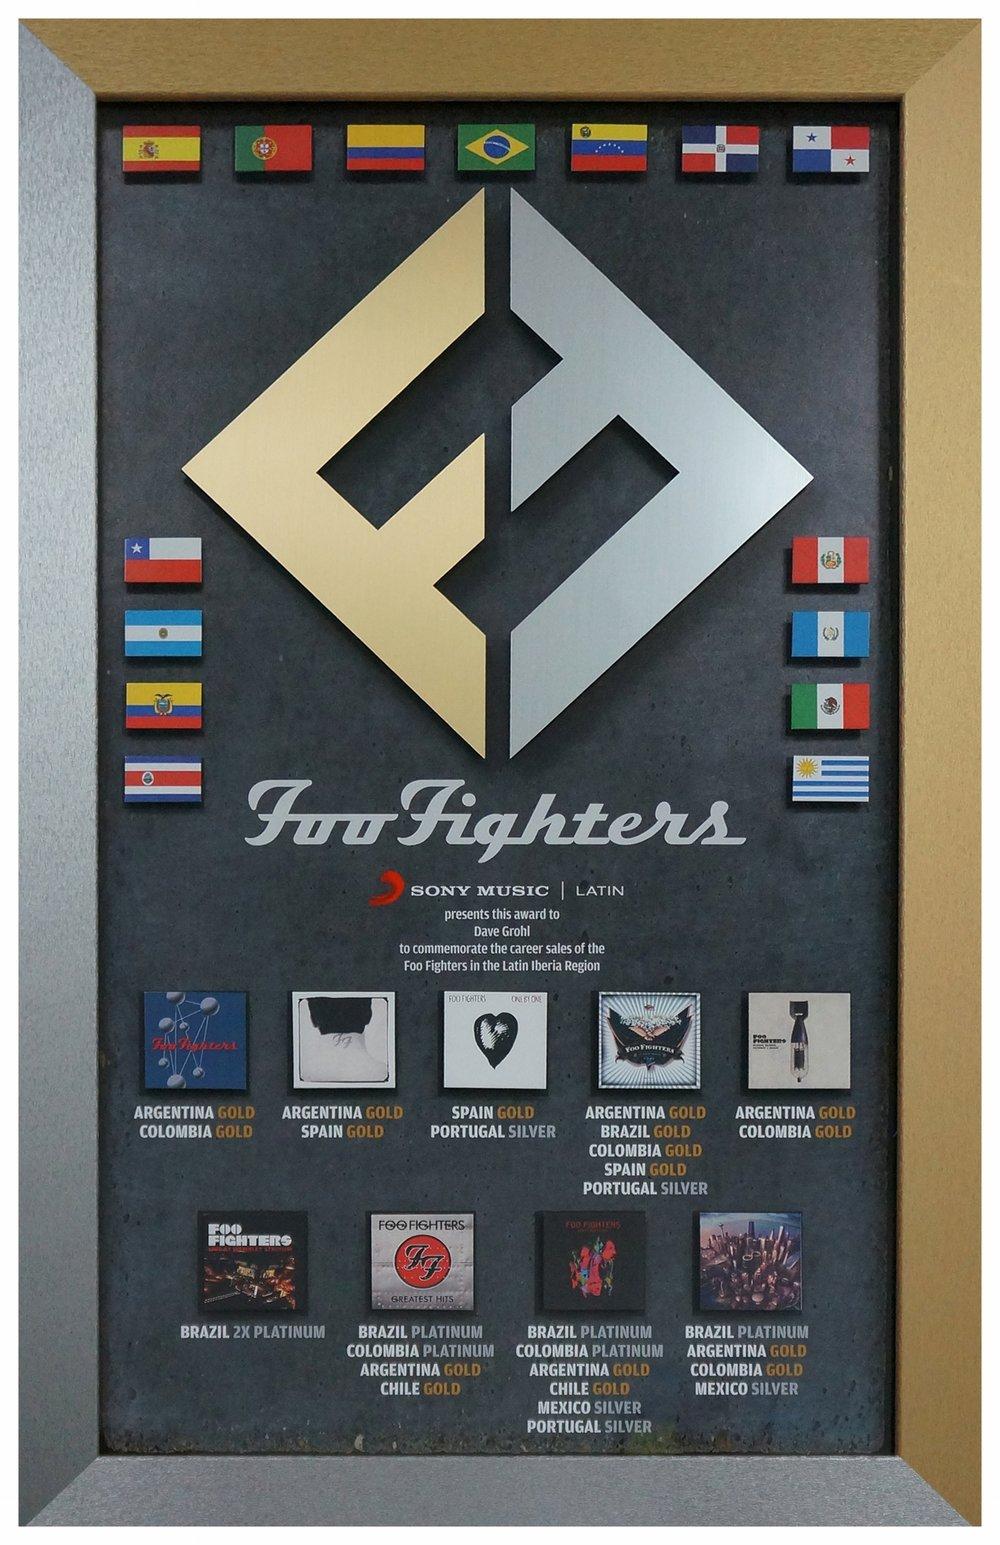 foo fighters 1.jpg